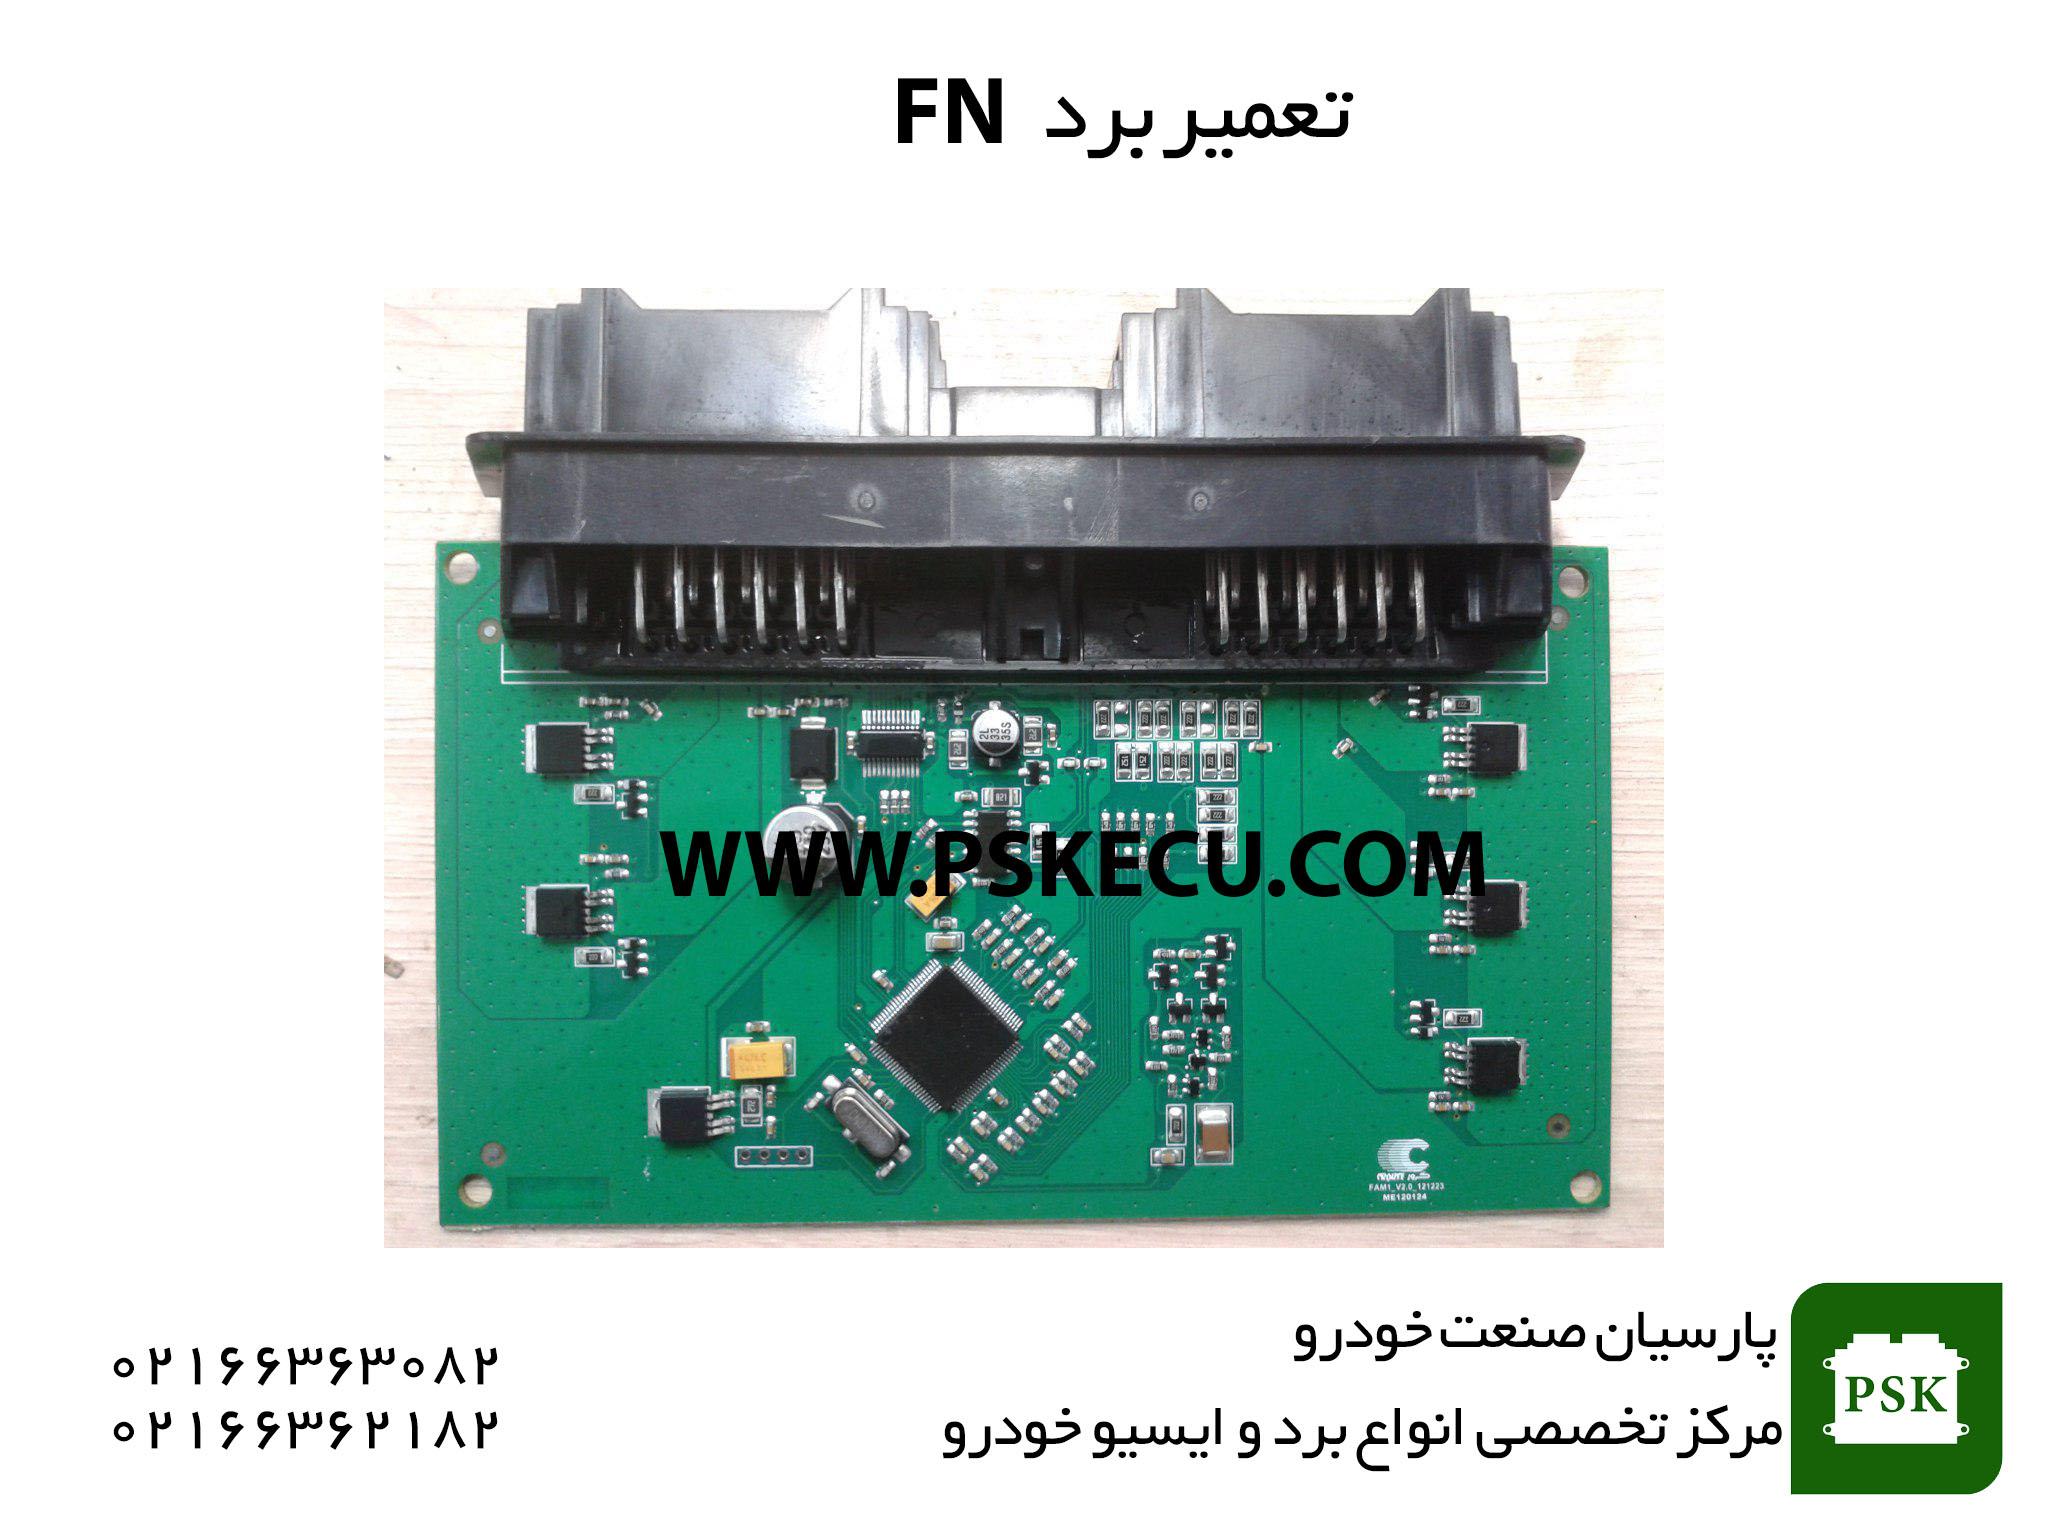 تعمیر برد FN – تعمیر یونیت FN – تعمیر برد الکترونیکی FN